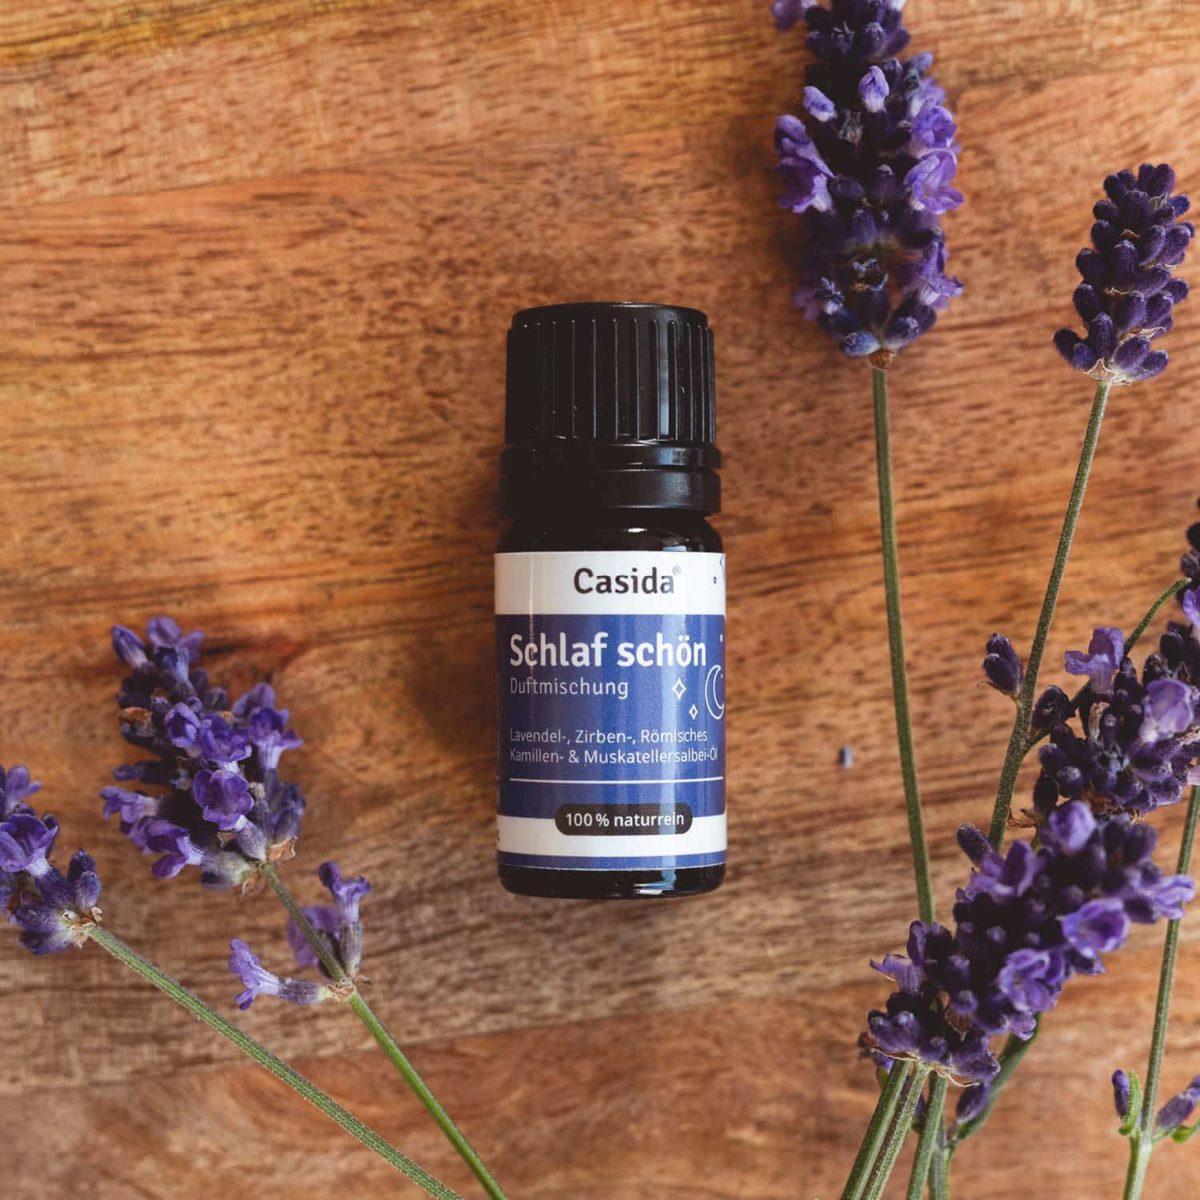 Casida Sweet Dream Aroma-Blend Schlaf schön - 5 ml PZN Apotheke 16913346 Besser Einschlafen Aromatherapie Aromapflege Entspannung Beruhigung